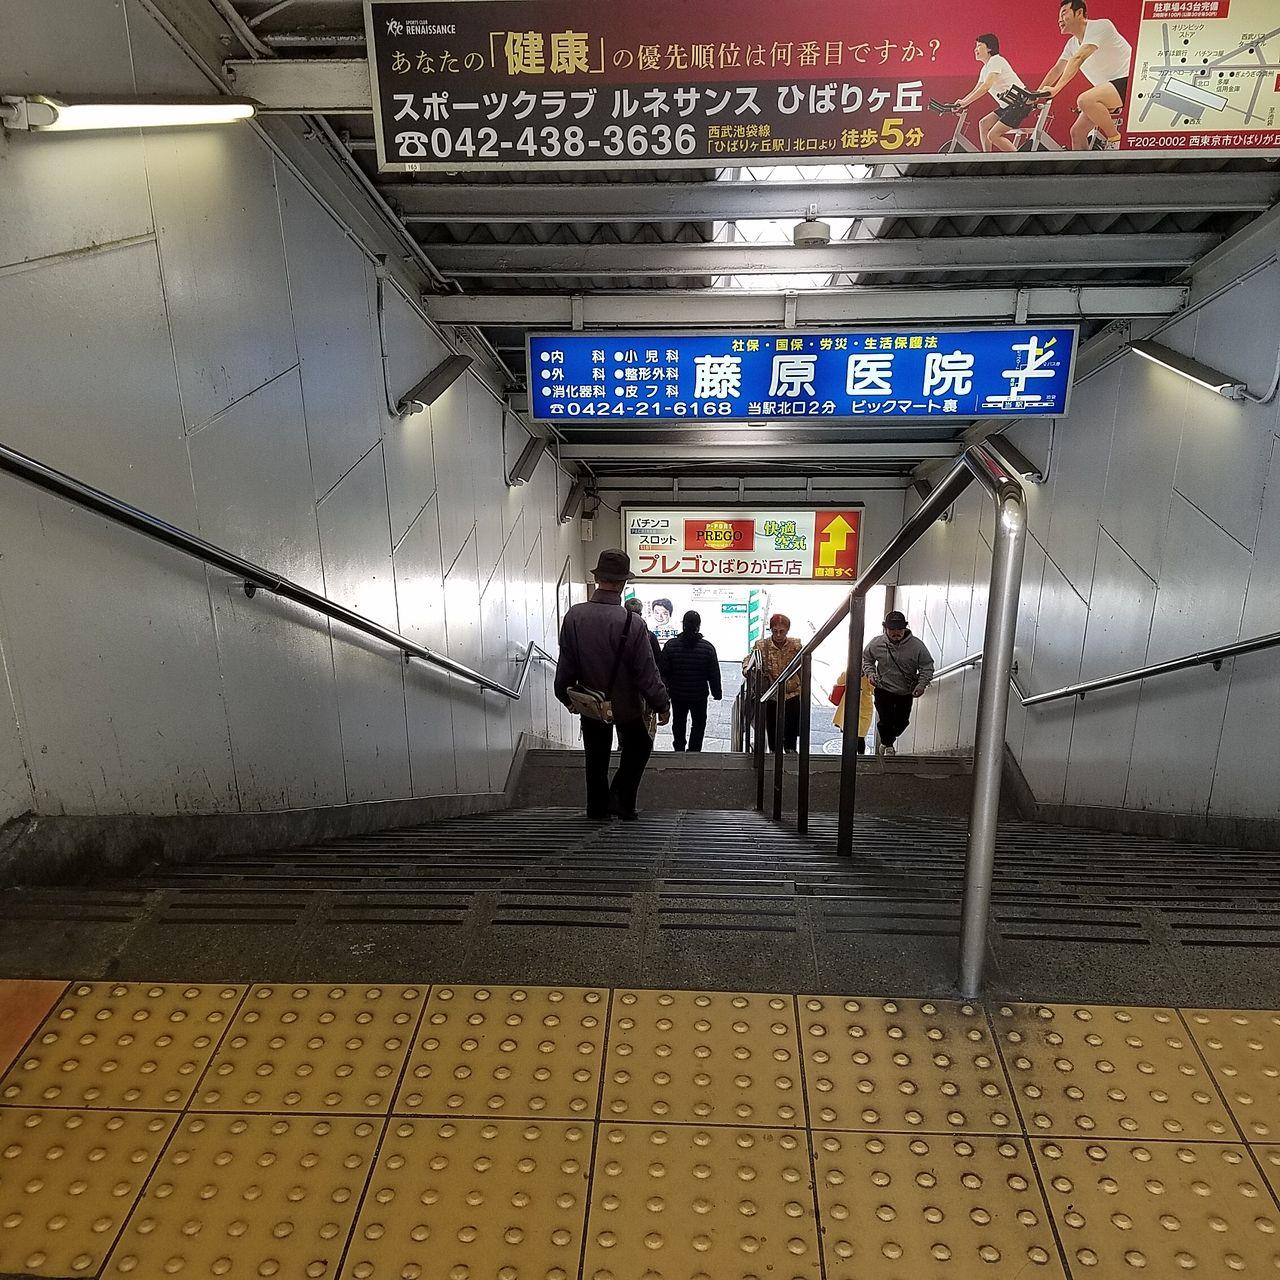 急で長い以前の北口階段